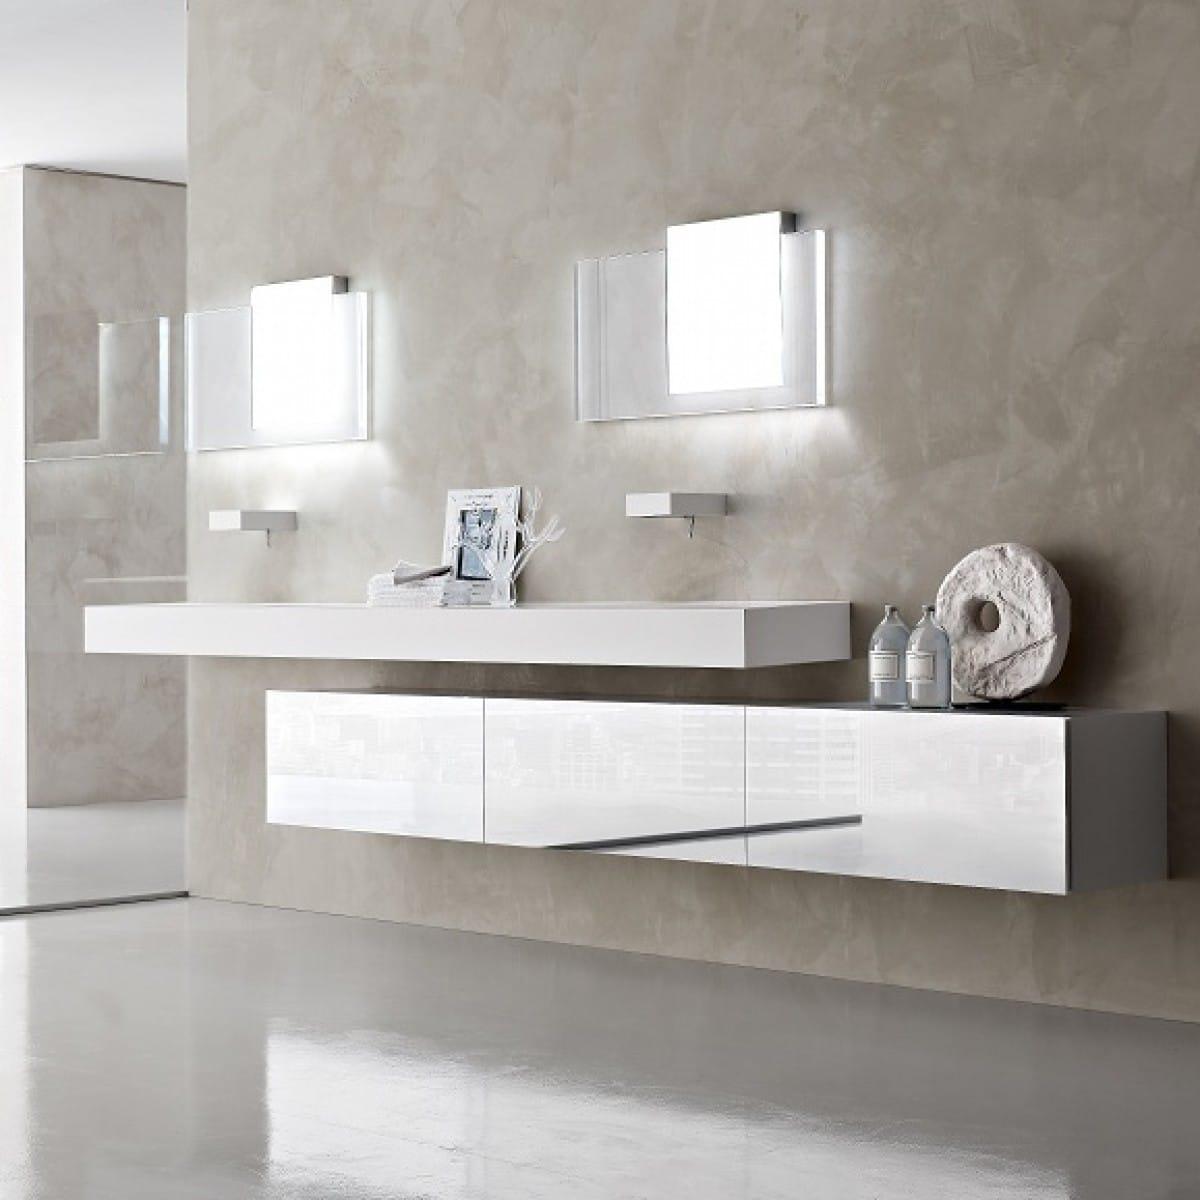 beautiful baos modernos cuarto de bao blanco baos modernos blanco with azulejos para cuartos de bao modernos - Cuartos De Bao Modernos